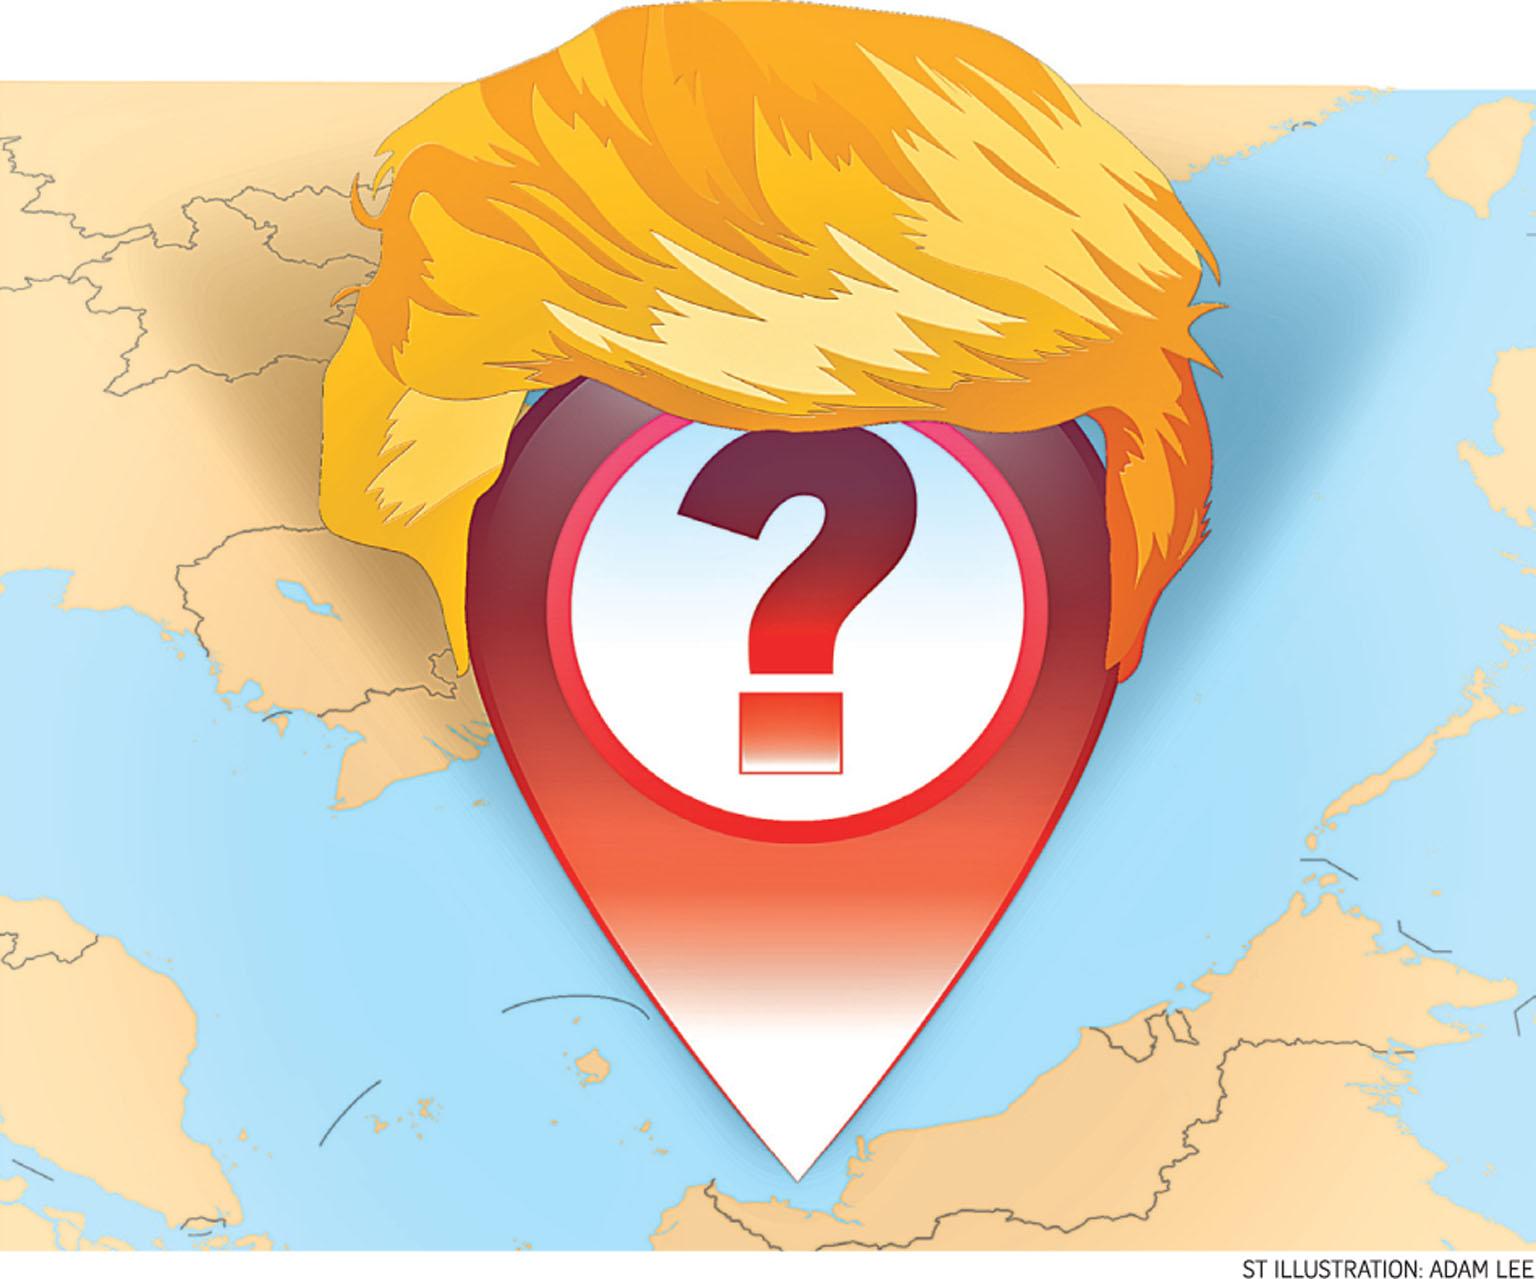 Năm trụ cột chiến lược của Mỹ tại Biển Đông